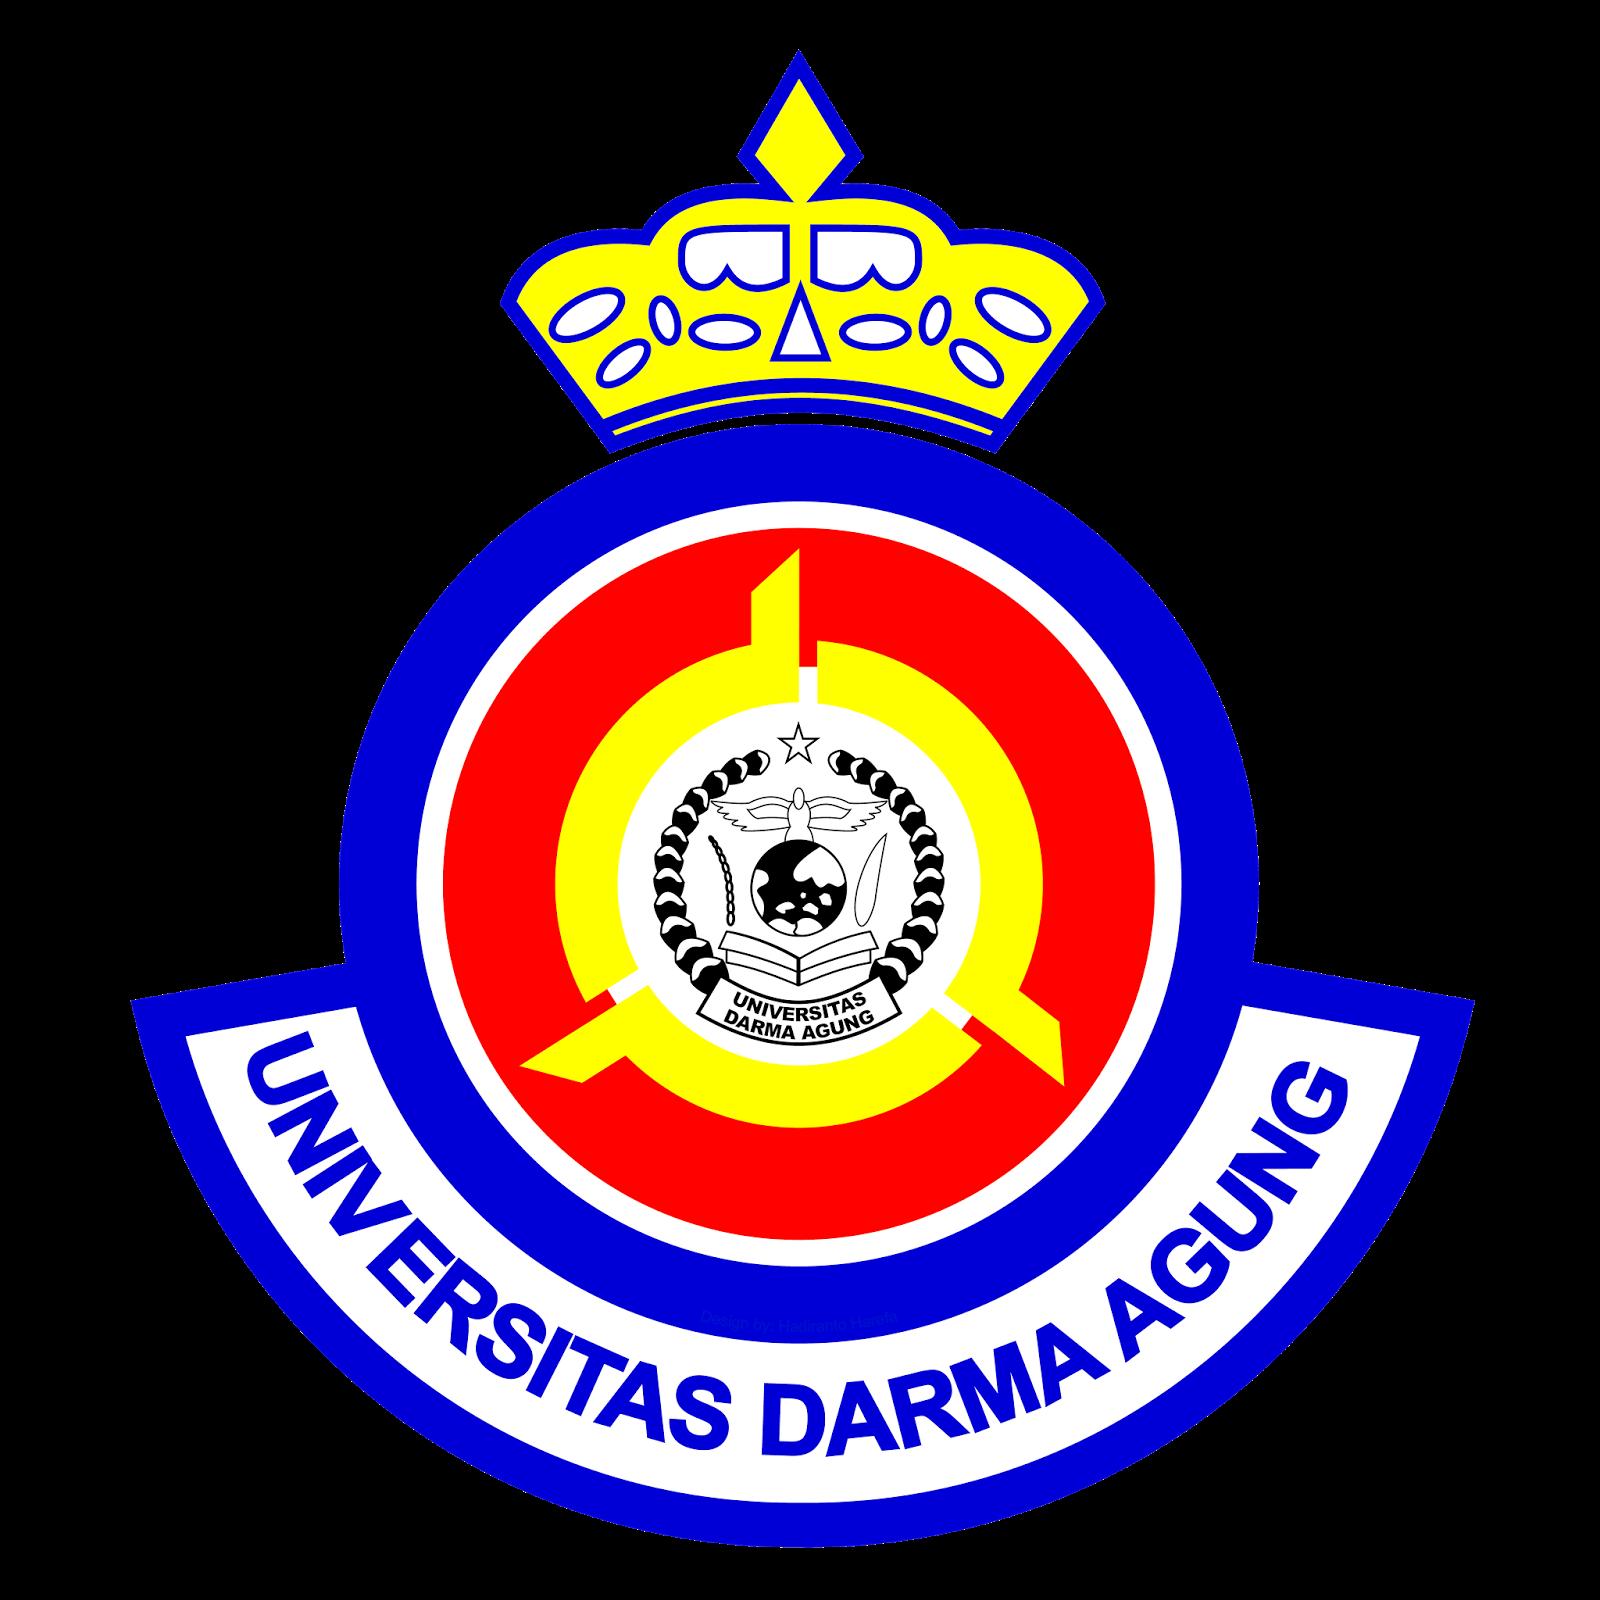 Akademi Pariwisata Dan Perhotelan (App) Darma Agung, Indonesia|AGC